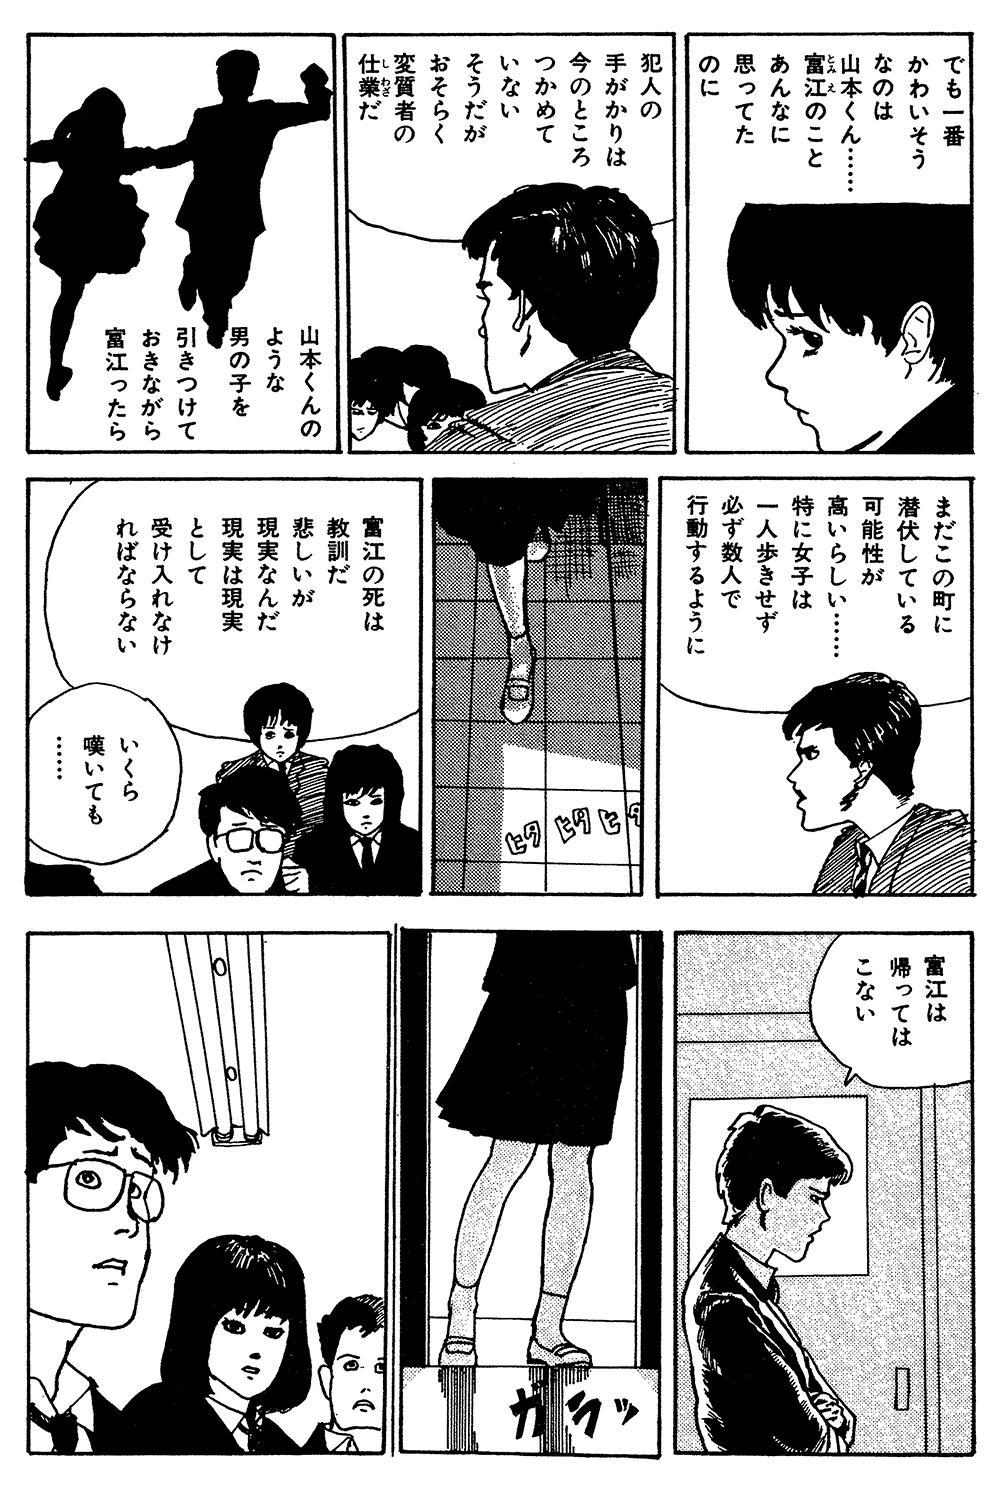 伊藤潤二傑作集 第1話「富江」①tomie1-1-4.jpg